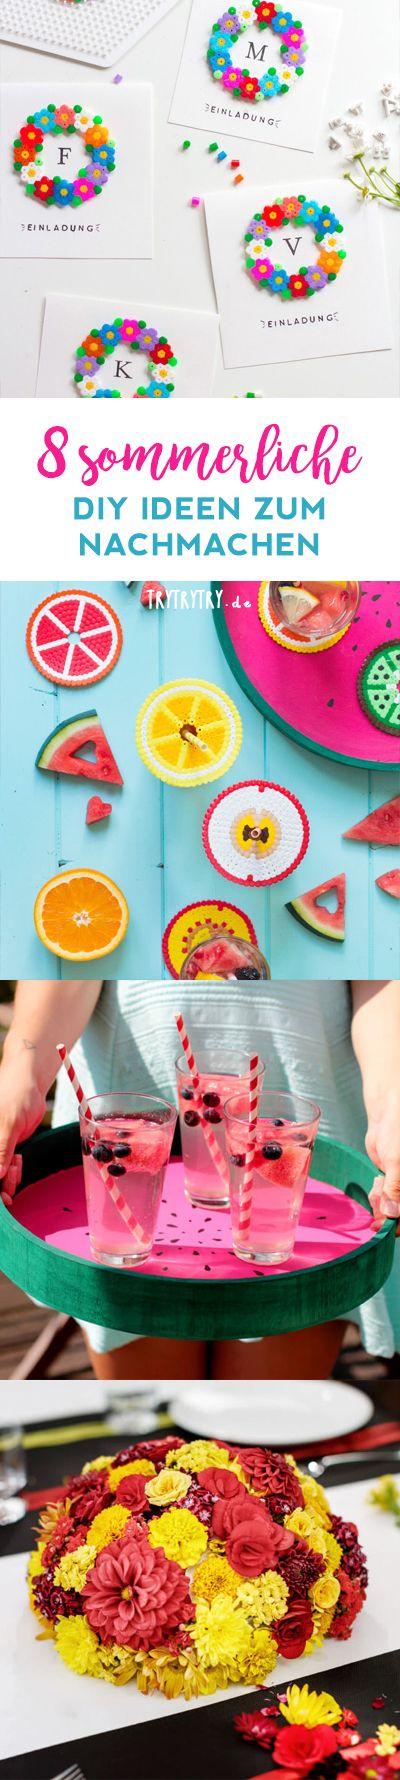 8 sommerliche DIY's